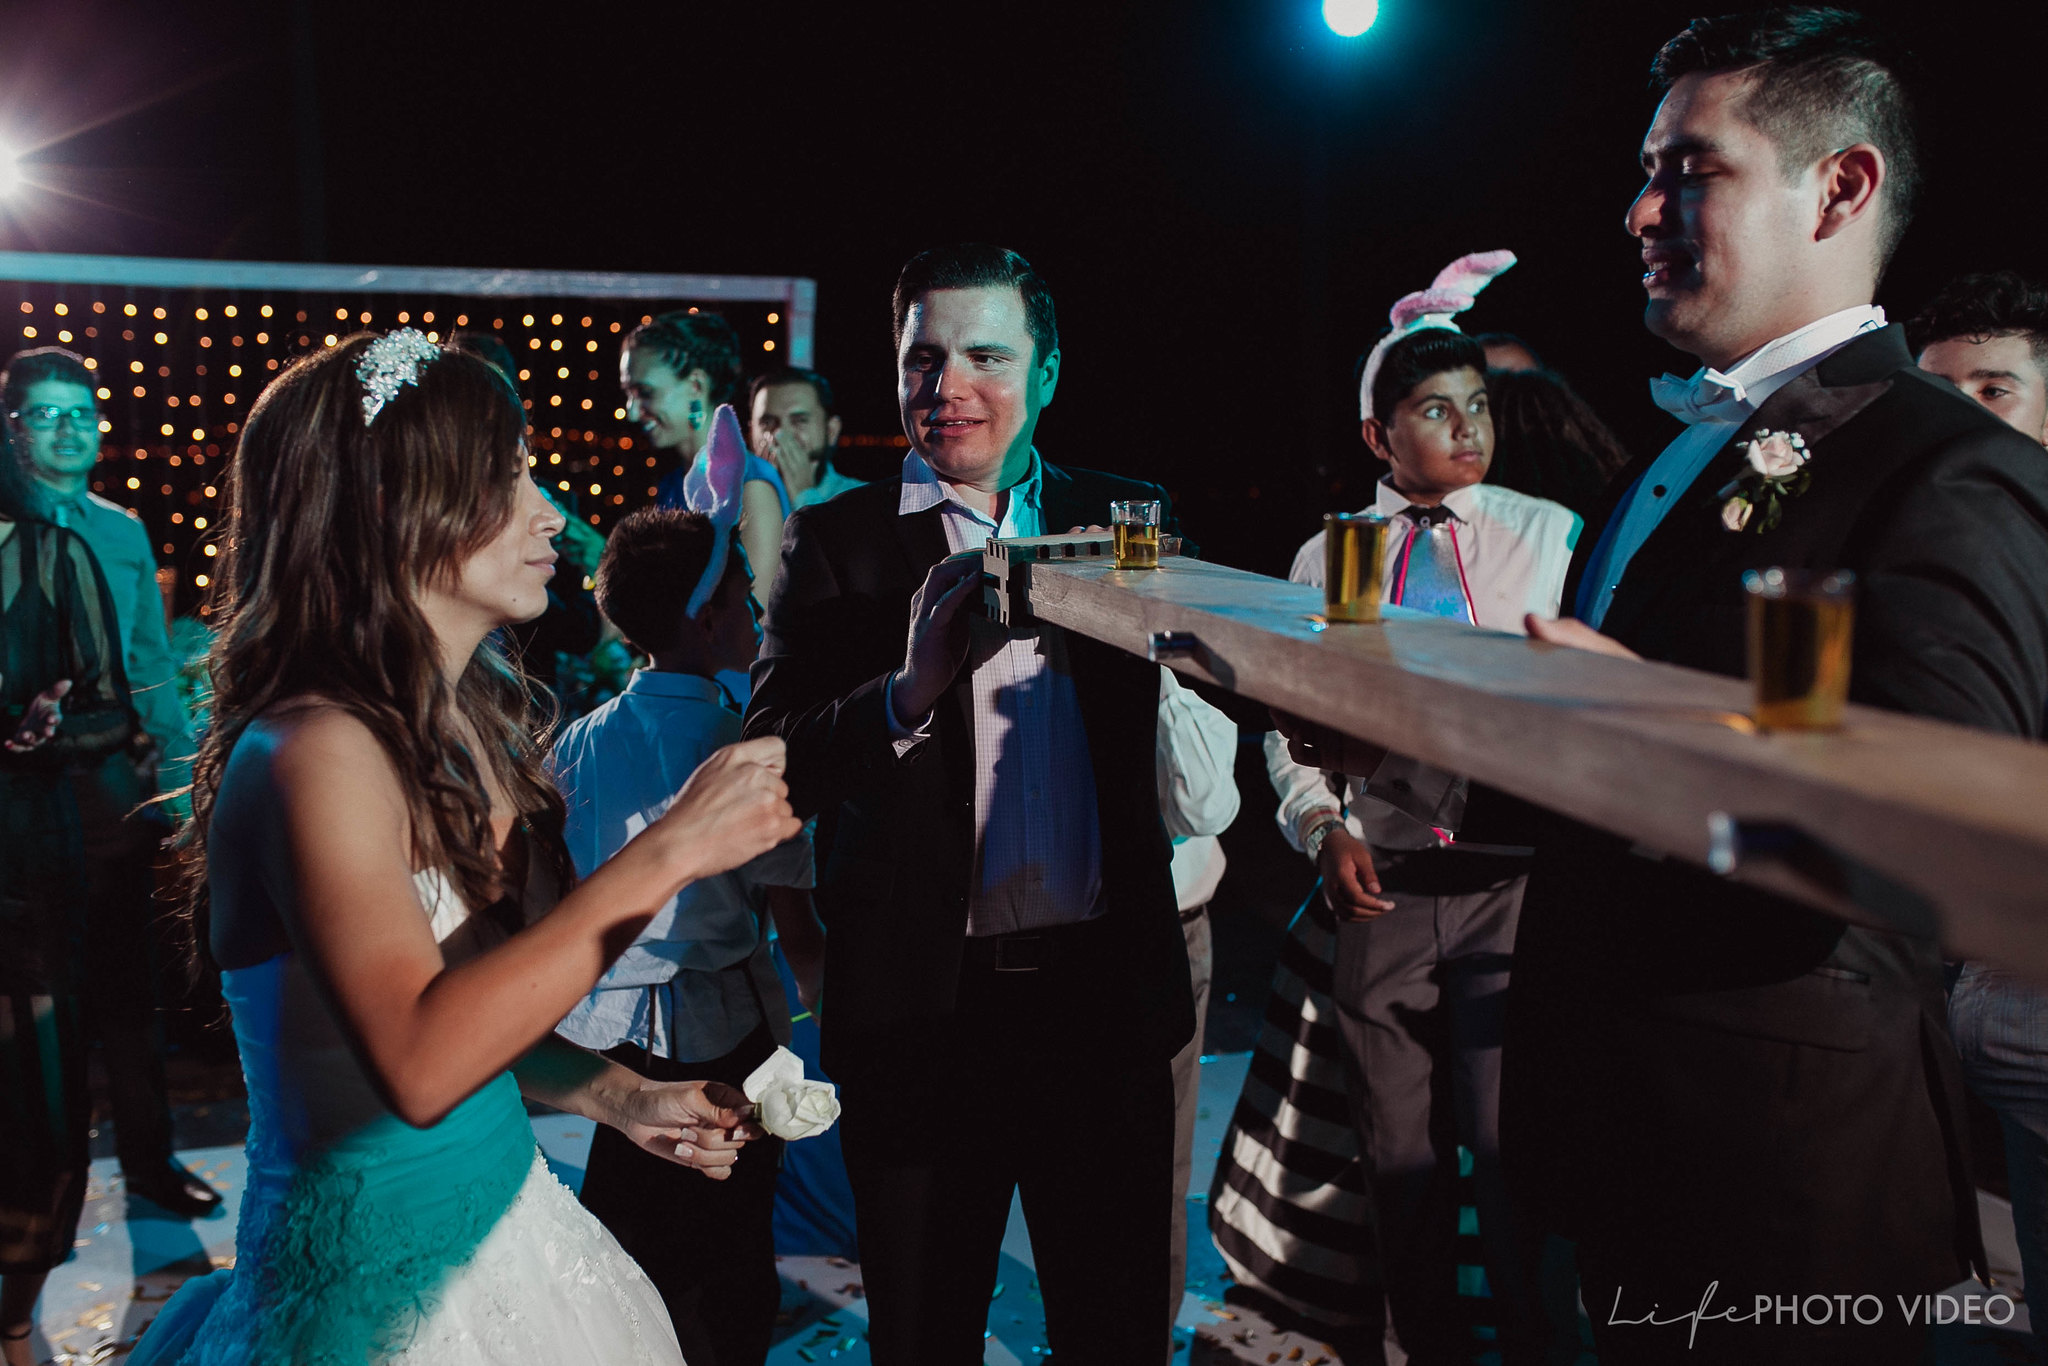 Boda_LeonGto_Wedding_LifePhotoVideo_0068.jpg